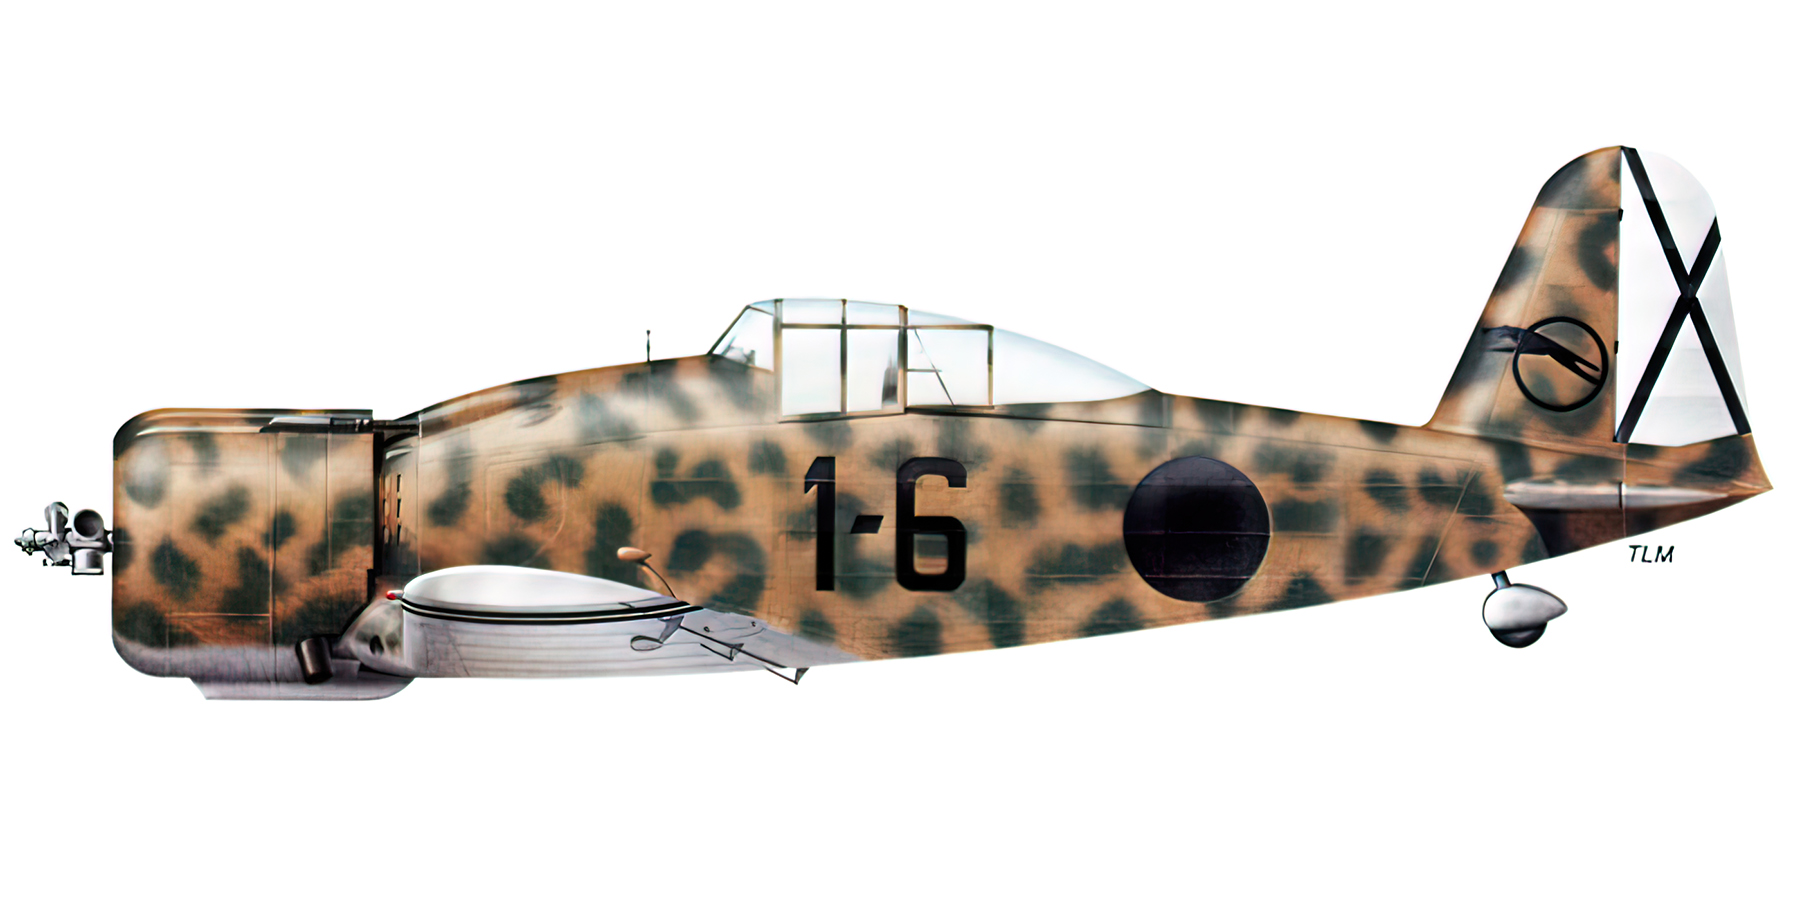 Fiat G50 Freccia Aviacion Nacional 27 Gruppo de Caza 6 Sevilla Tablada Spain Jul 1939 0A